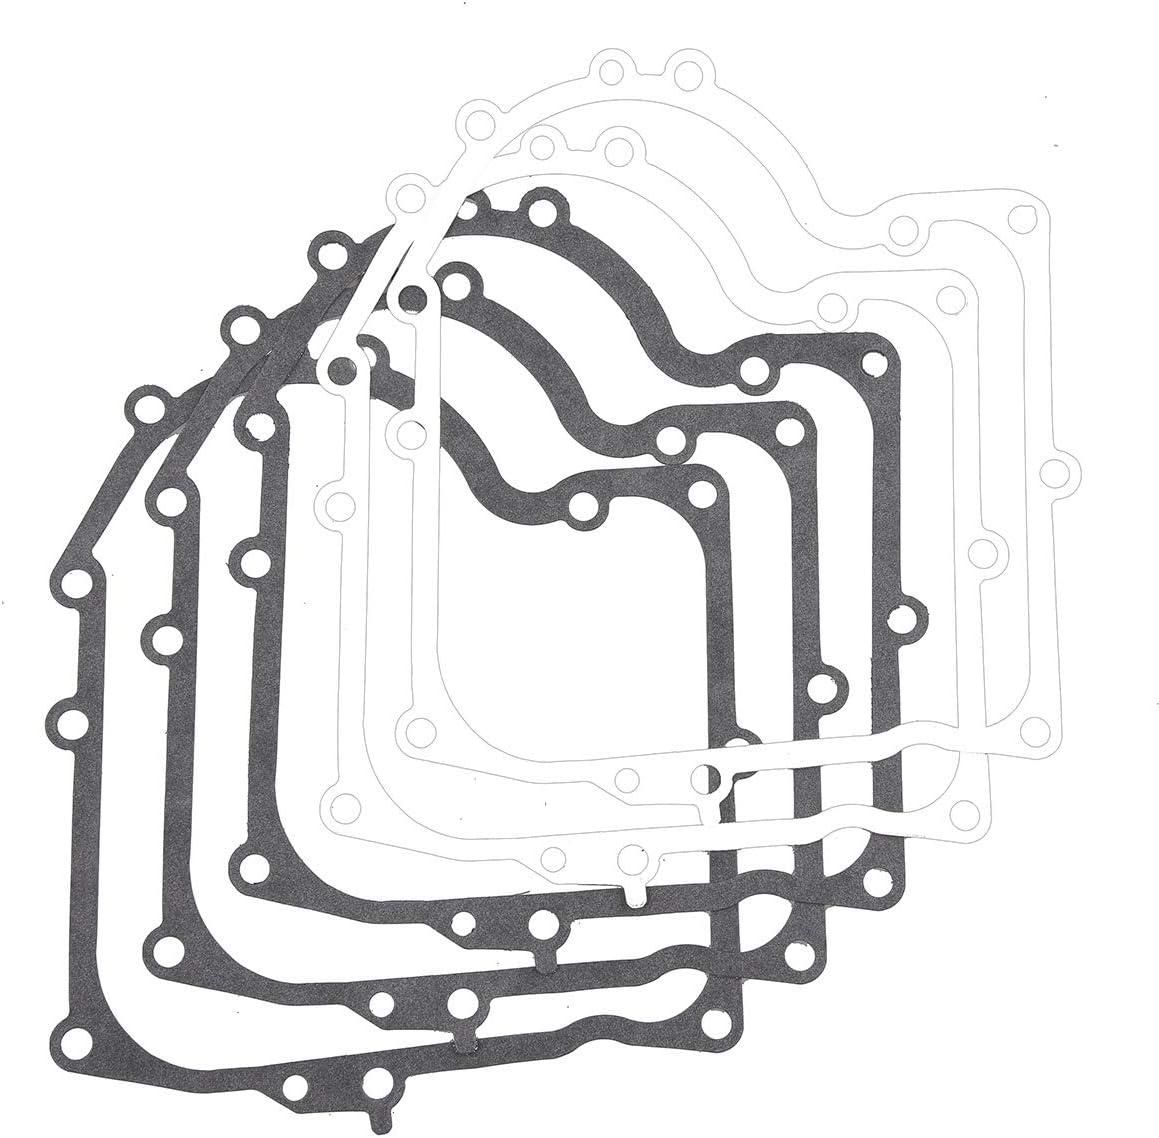 PRO CAKEN Complet de Joints Remplace # 297616 Moteur Briggs /& Stratton 496659